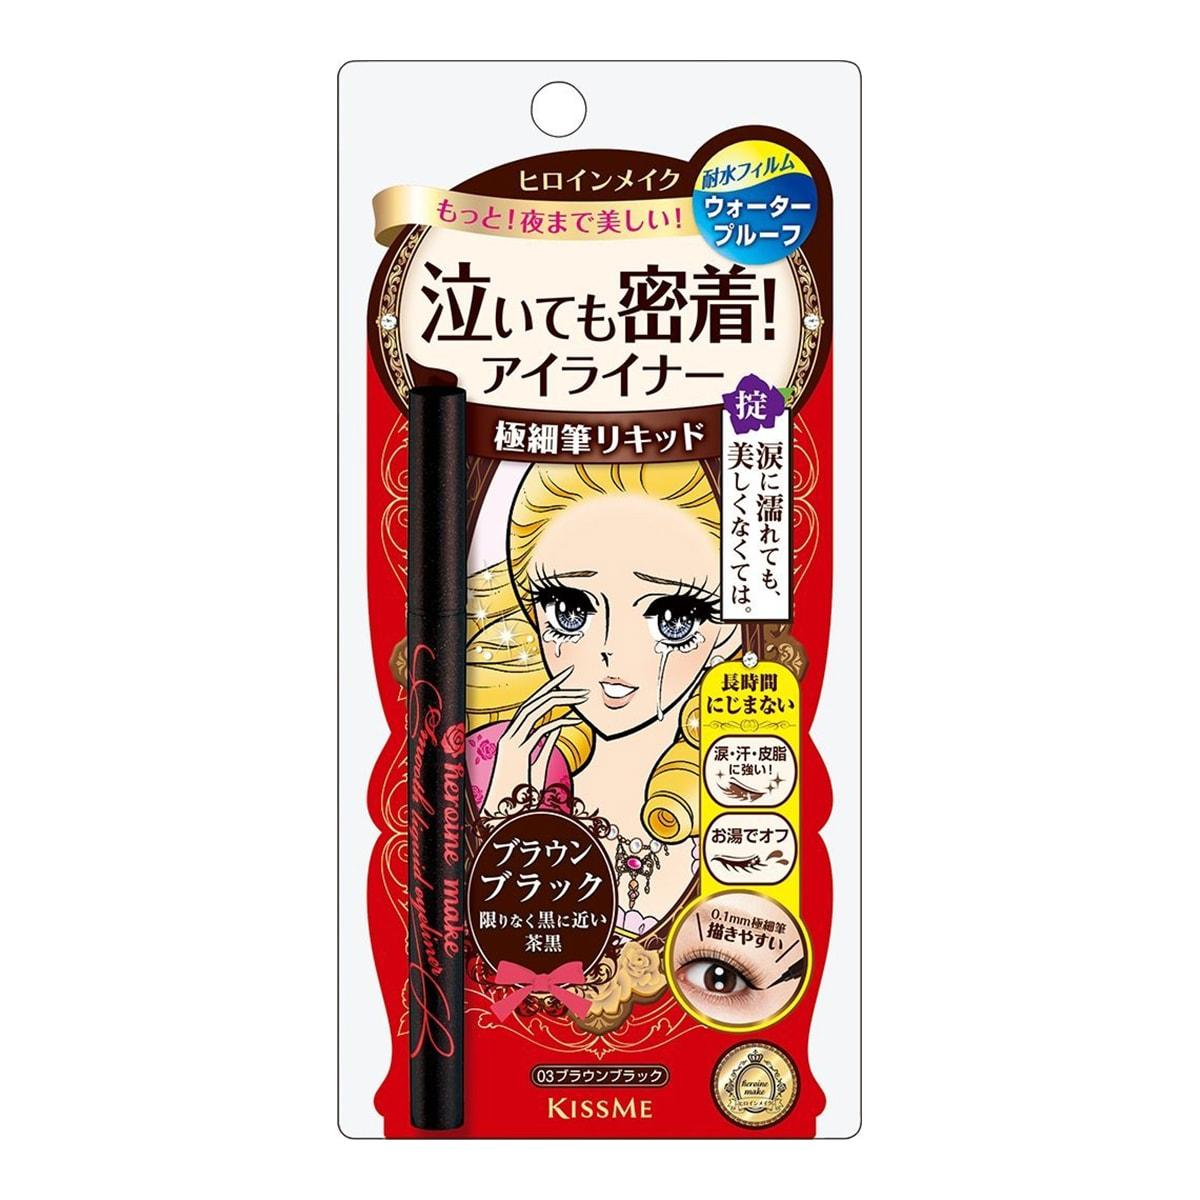 日本ISEHAN伊势半 KISS ME花漾美姬 华尔兹泪眼极细眼线液笔 #03棕黑色 0.4ml